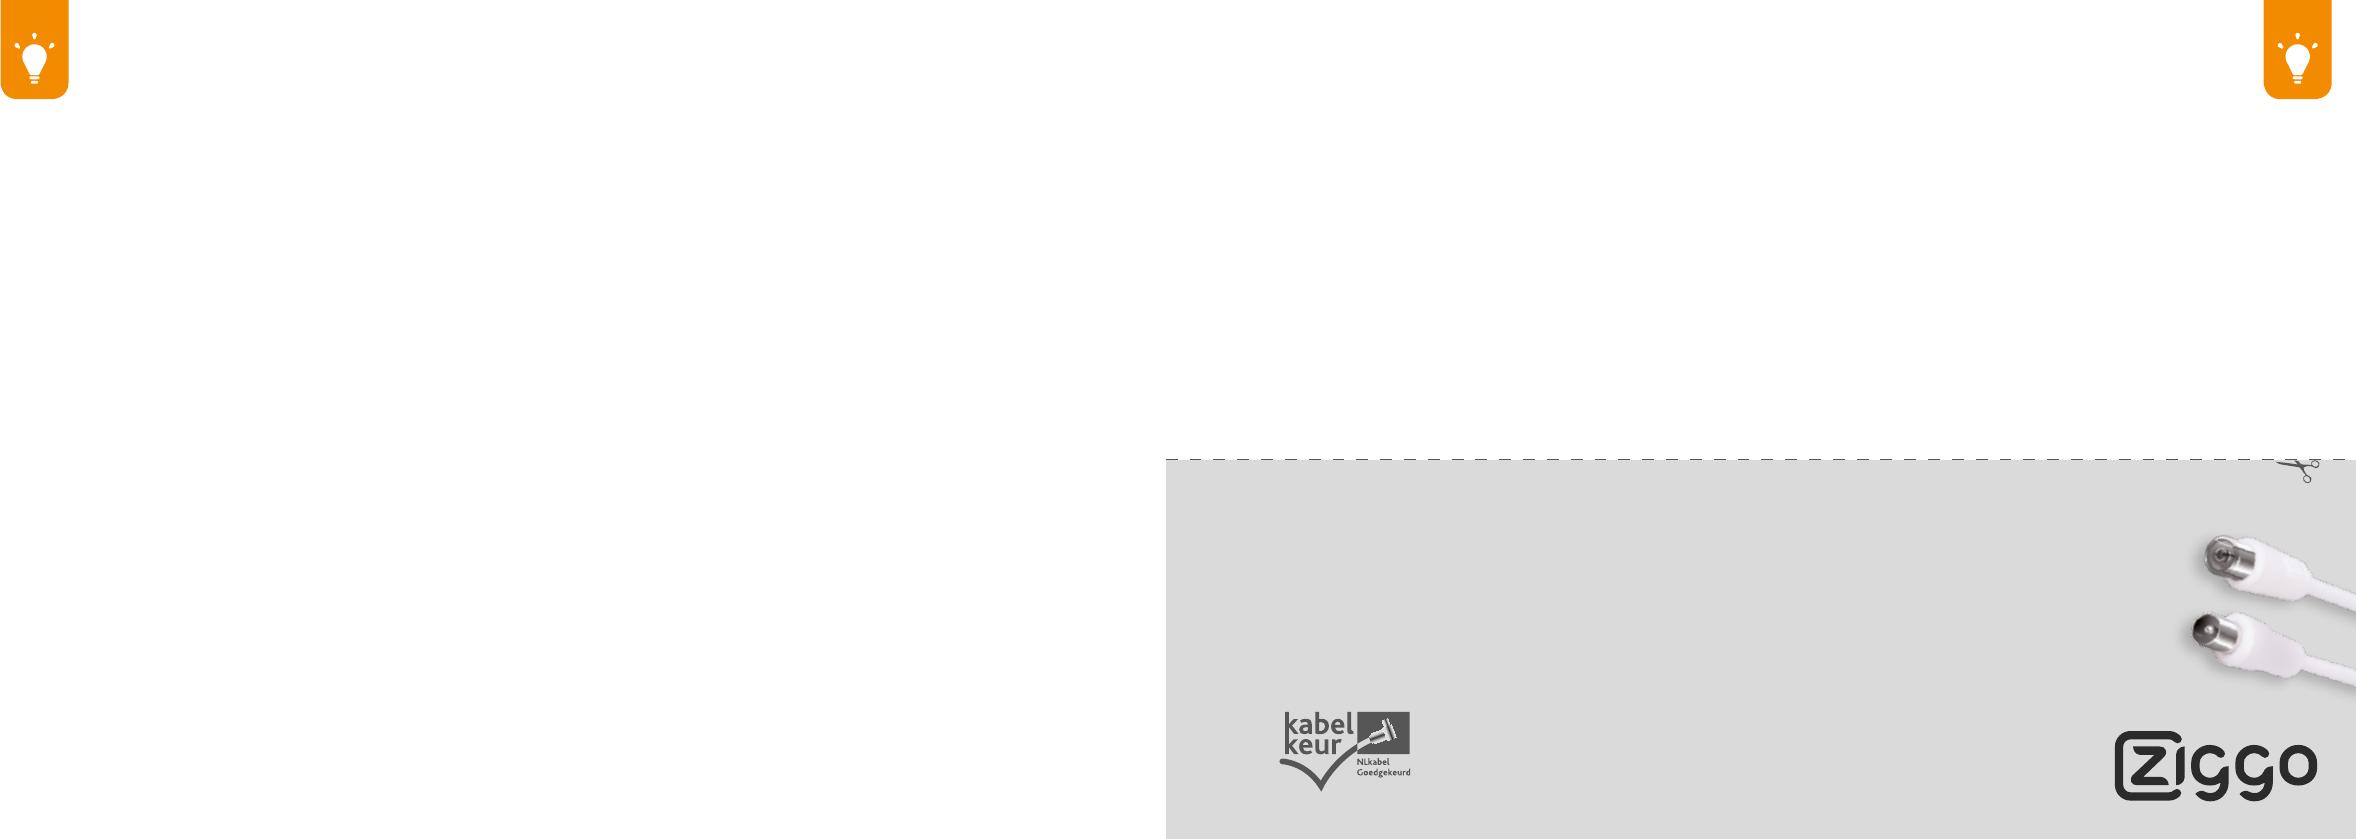 Handleiding Ziggo Horizon Mediabox Pagina 19 Van 21